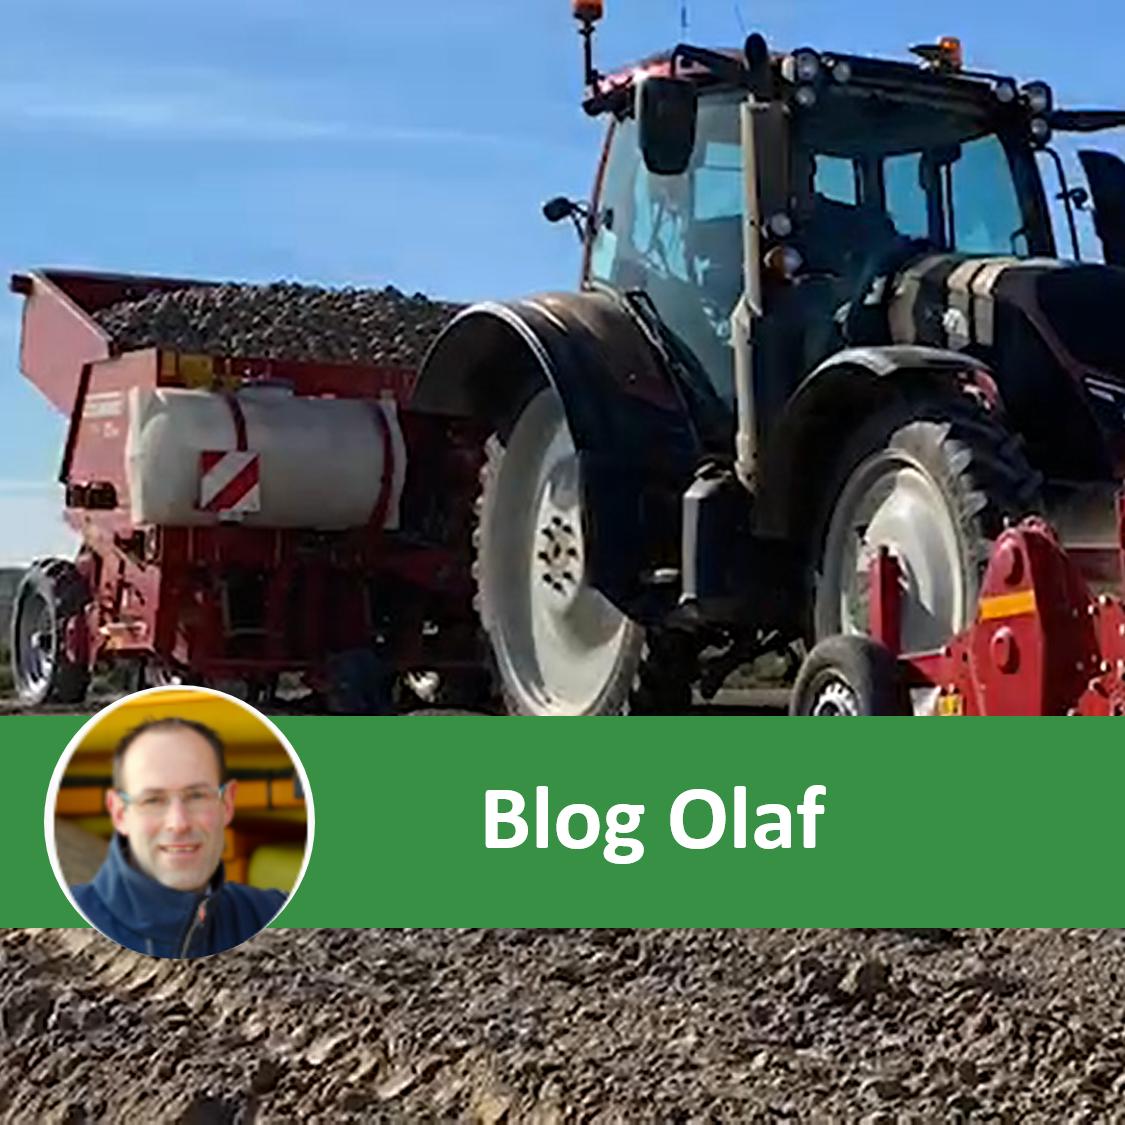 Blog - Olaf - Voorjaarswerk in Corona-tijdperk